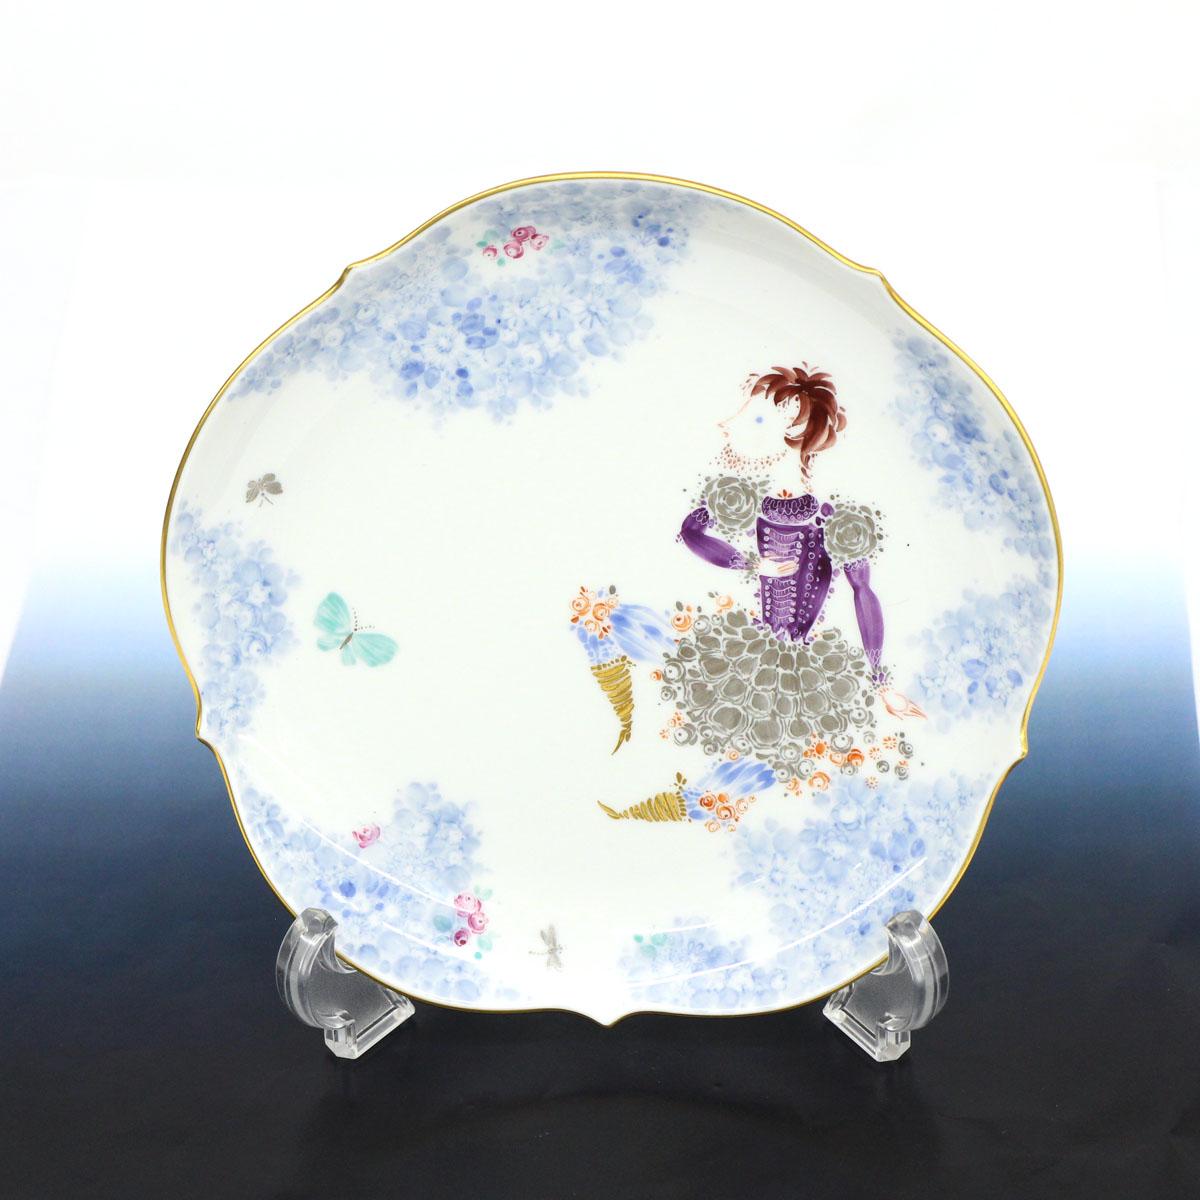 ◆MEISSEN マイセン プレート ミッドサマーナイト・ドリーム(真夏の夜の夢)18cm◆ ホワイト H.ヴェルナーデザイン 金彩 皿 食器【中古】